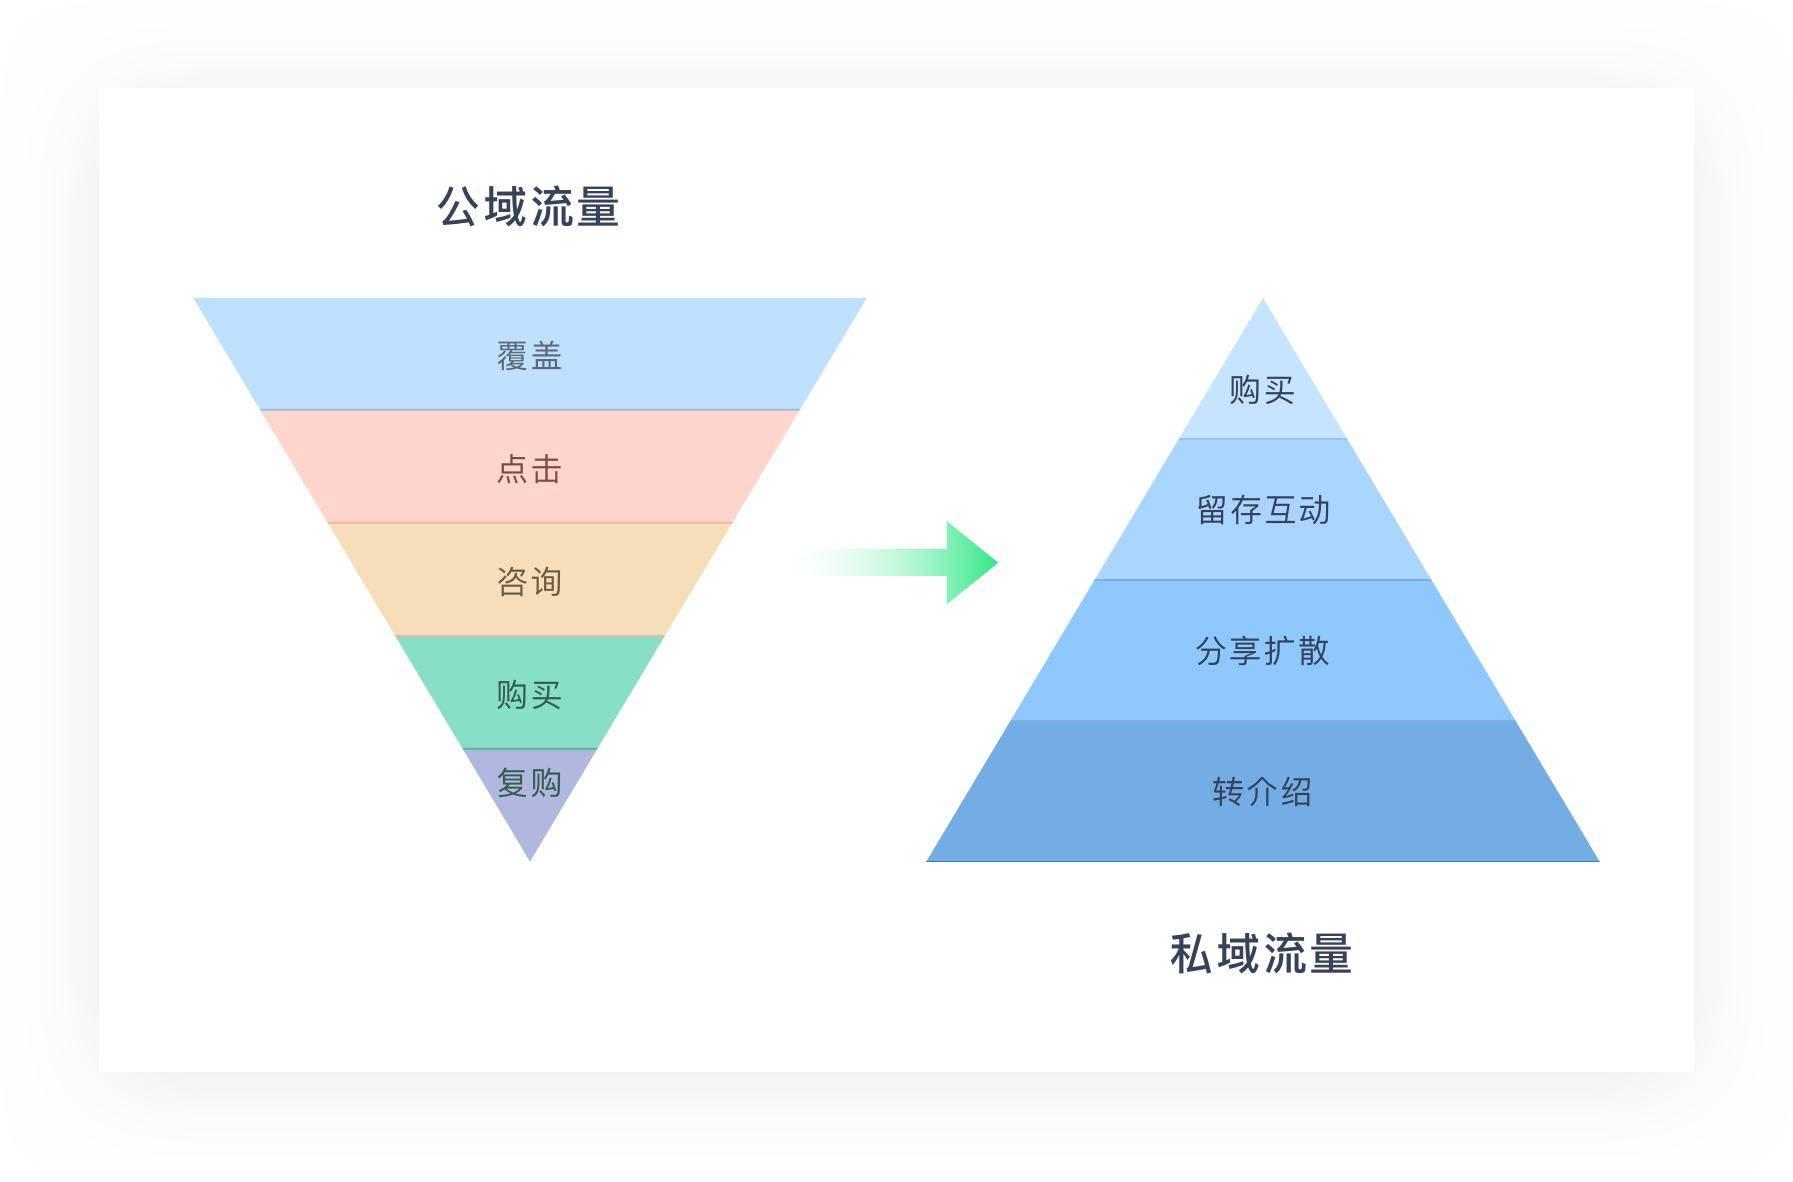 企业如何利用网络营销助力腾飞?(图2)